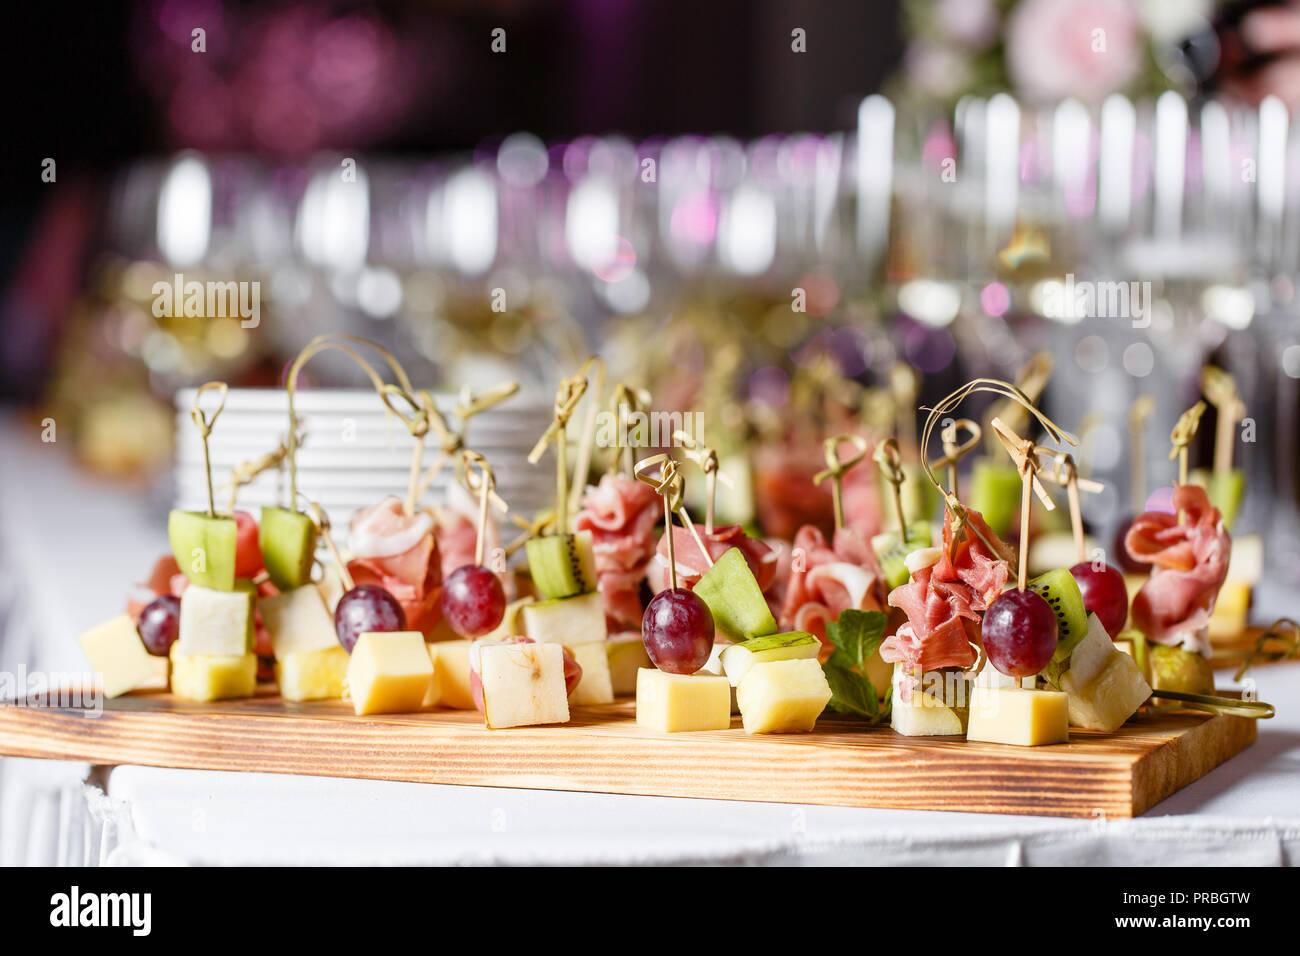 Le buffet à la réception. Verres de Vin et champagne. Assortiment de canapés sur planche de bois. Service de banquets. table de la nourriture, des collations avec fromage, jambon, fruits et prosciutto Photo Stock